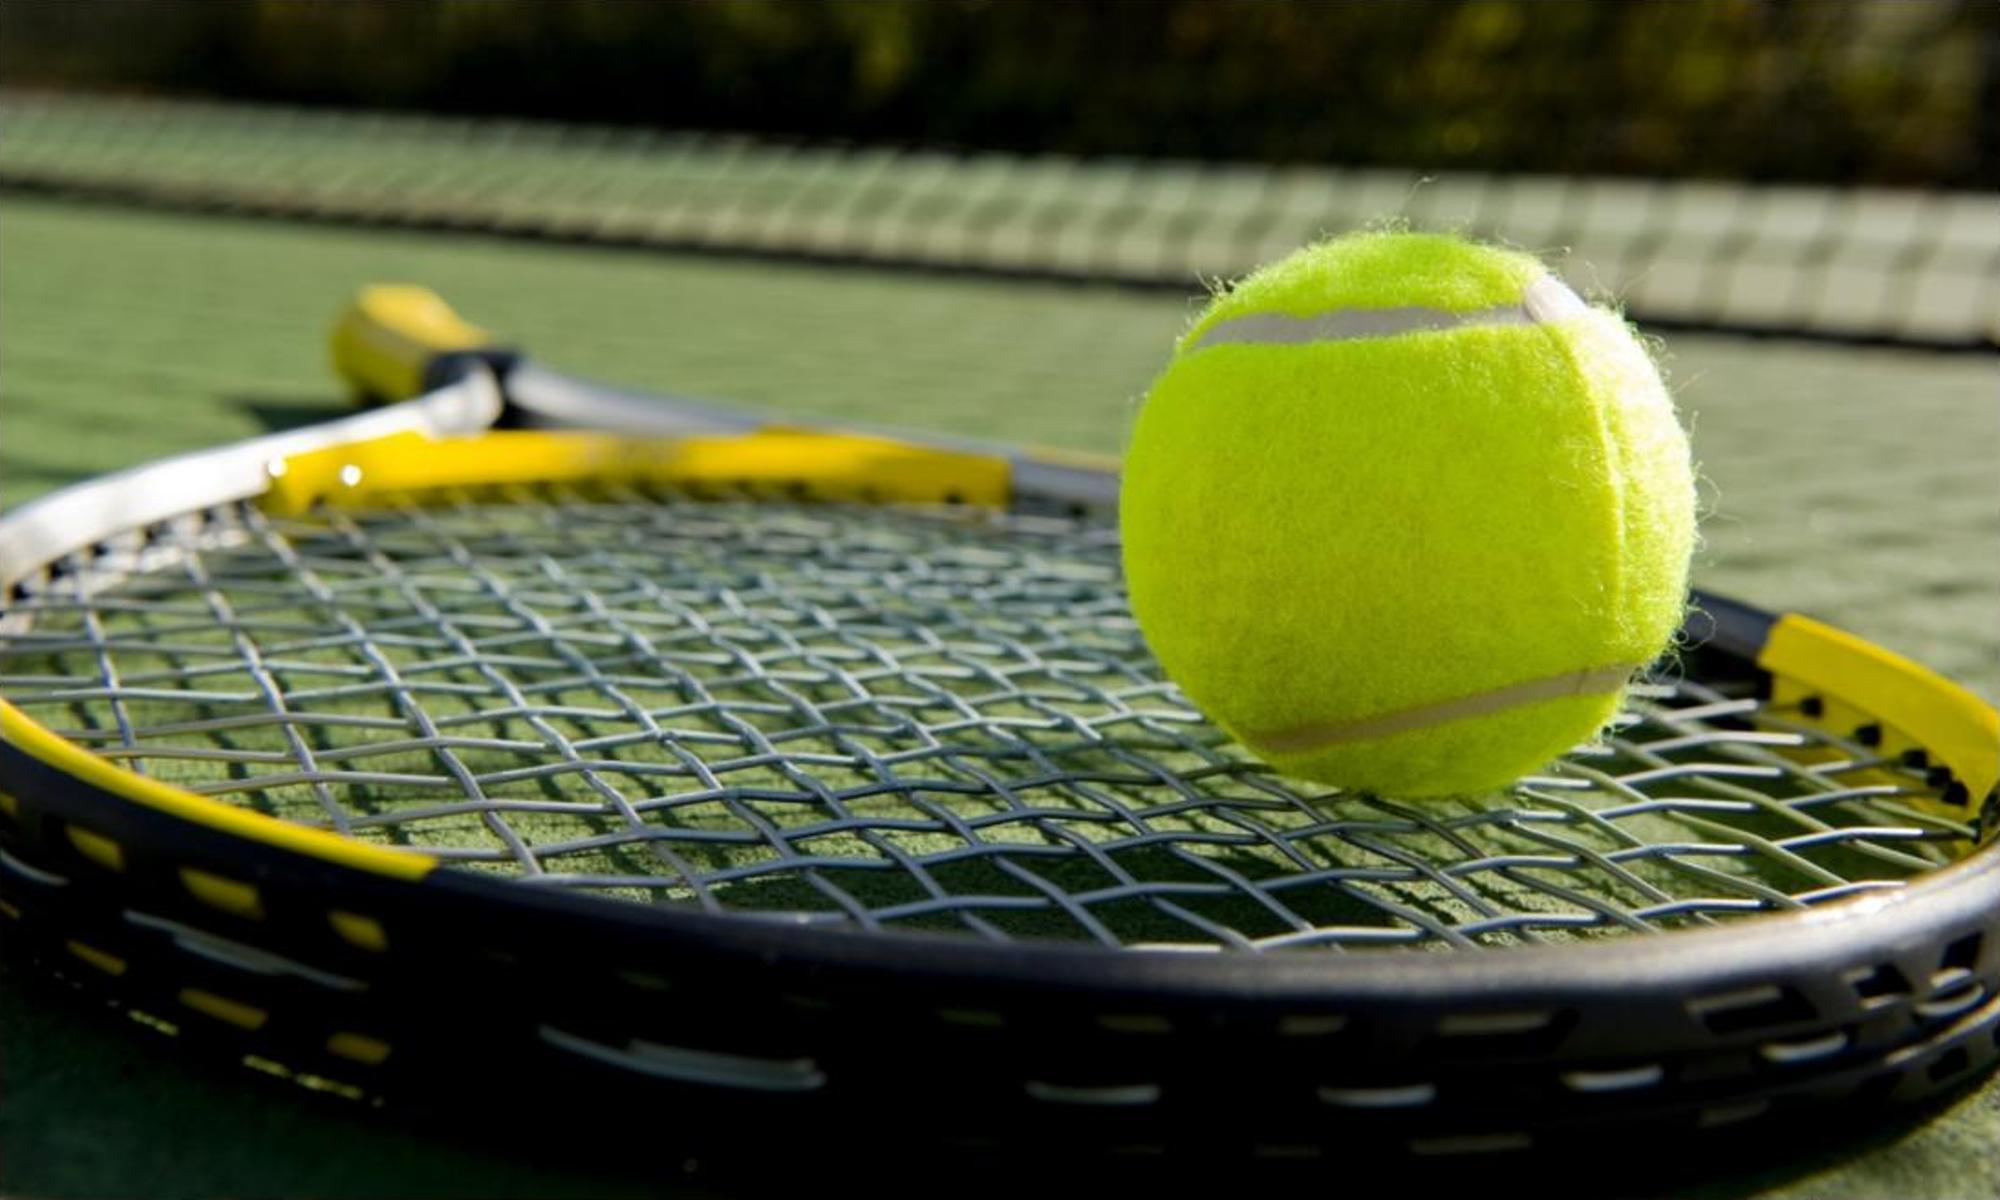 ставки на теннис в БК, особенности и советы